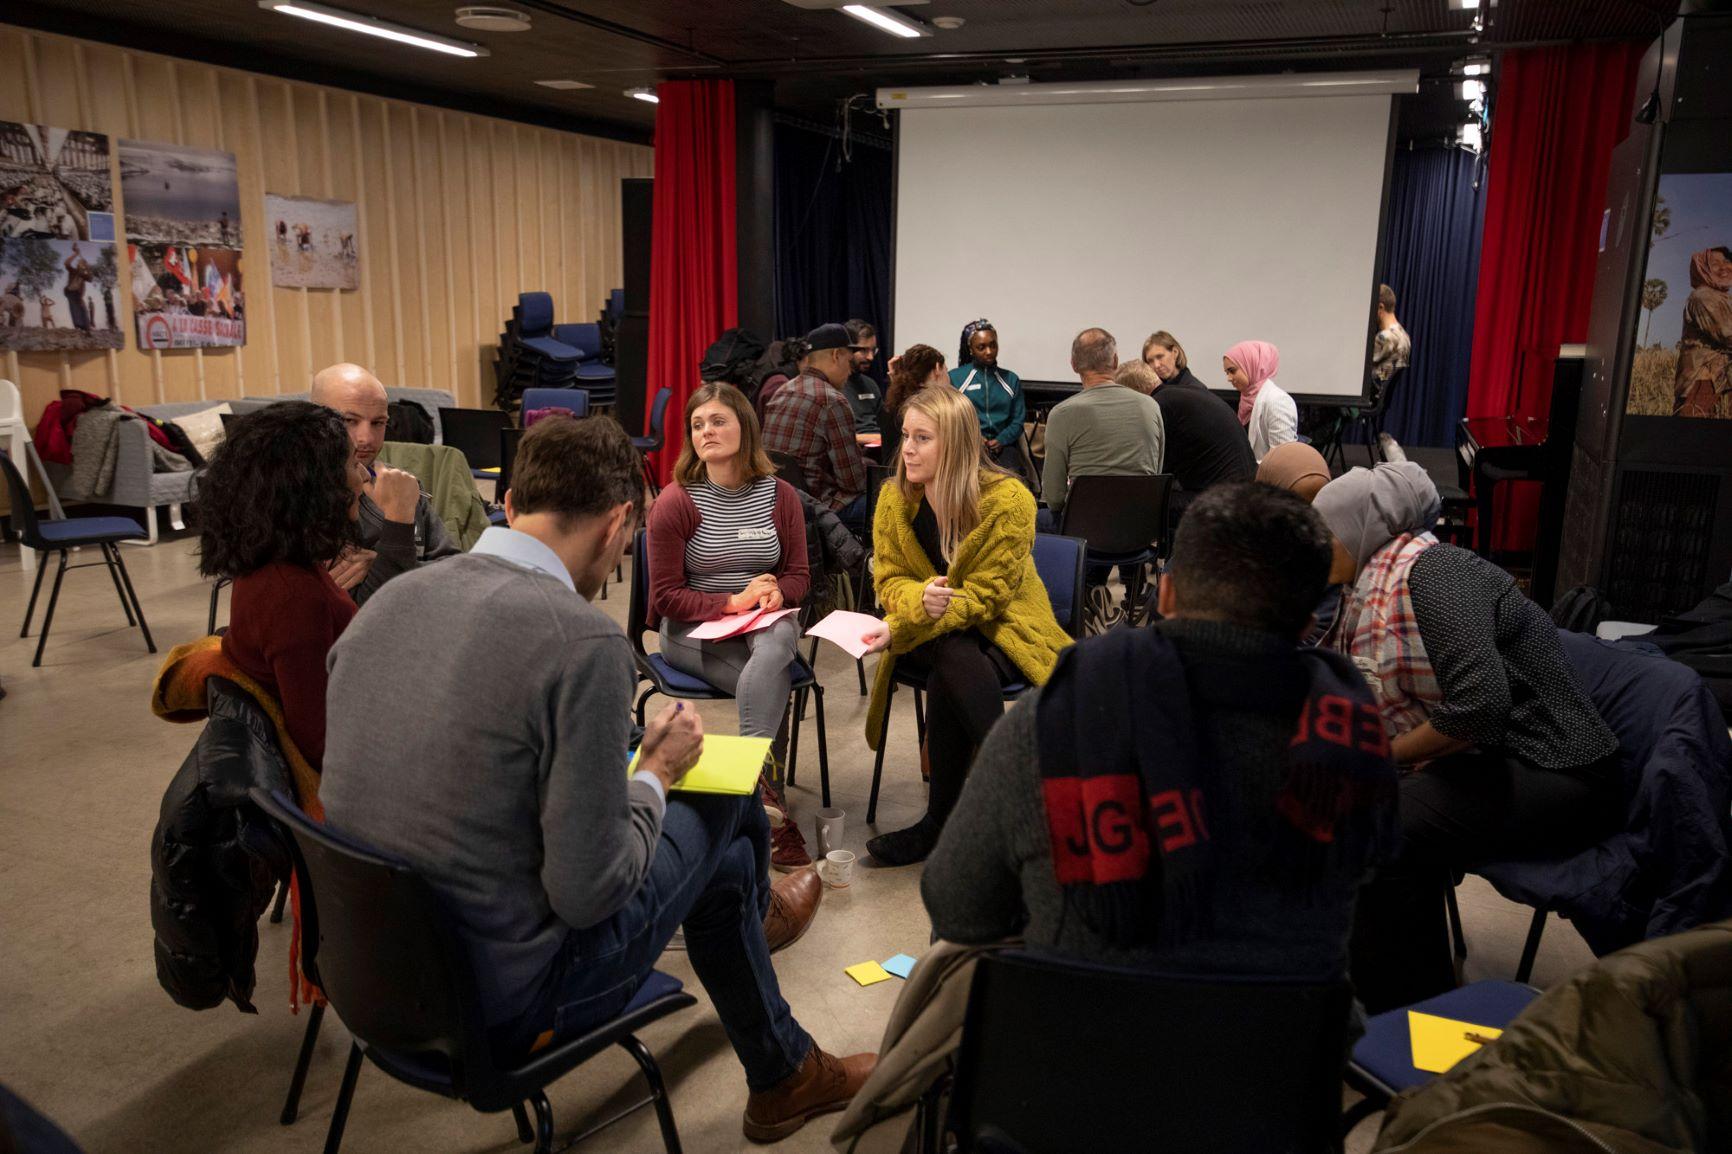 Demoktratisk innovasjon bringer innbyggere sammen til diskusjon og drøfting